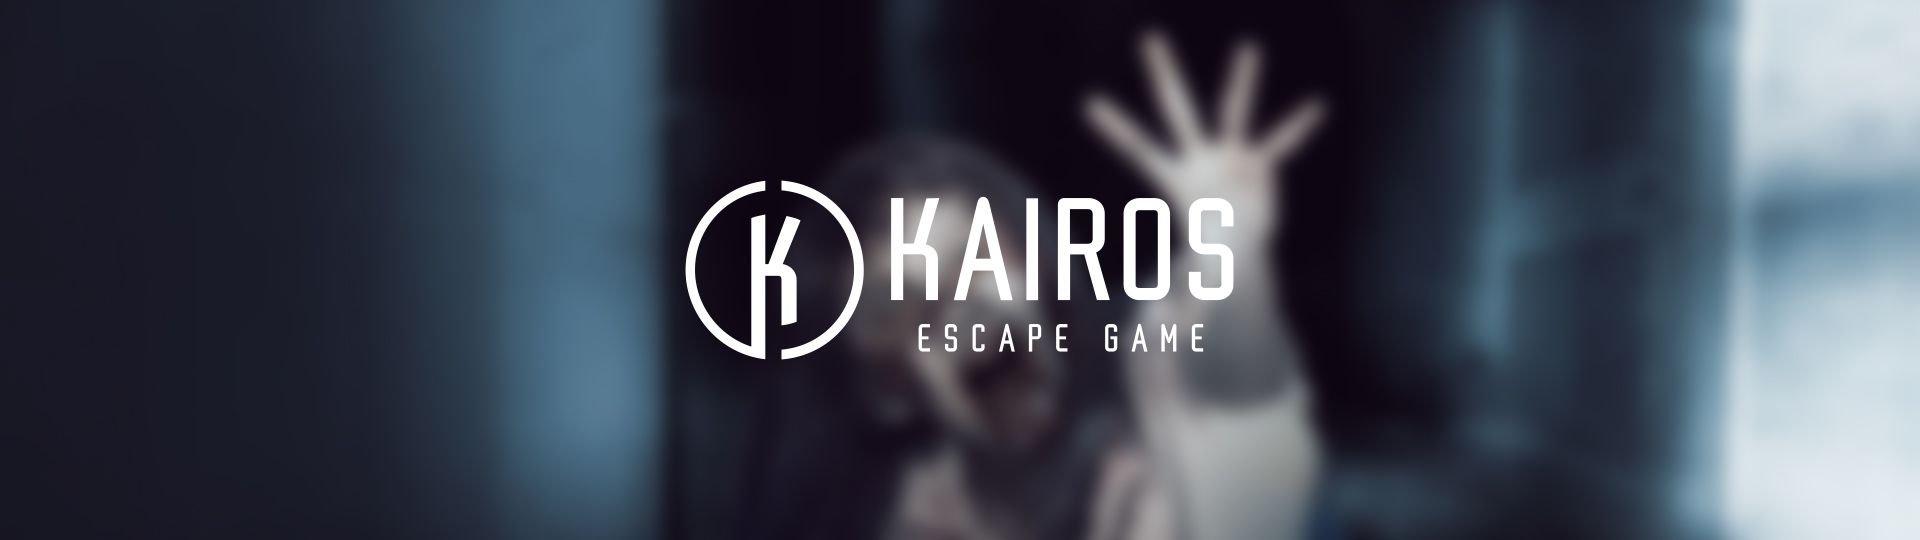 Salle horreur à Paris - Kairos Escape Game.jpg